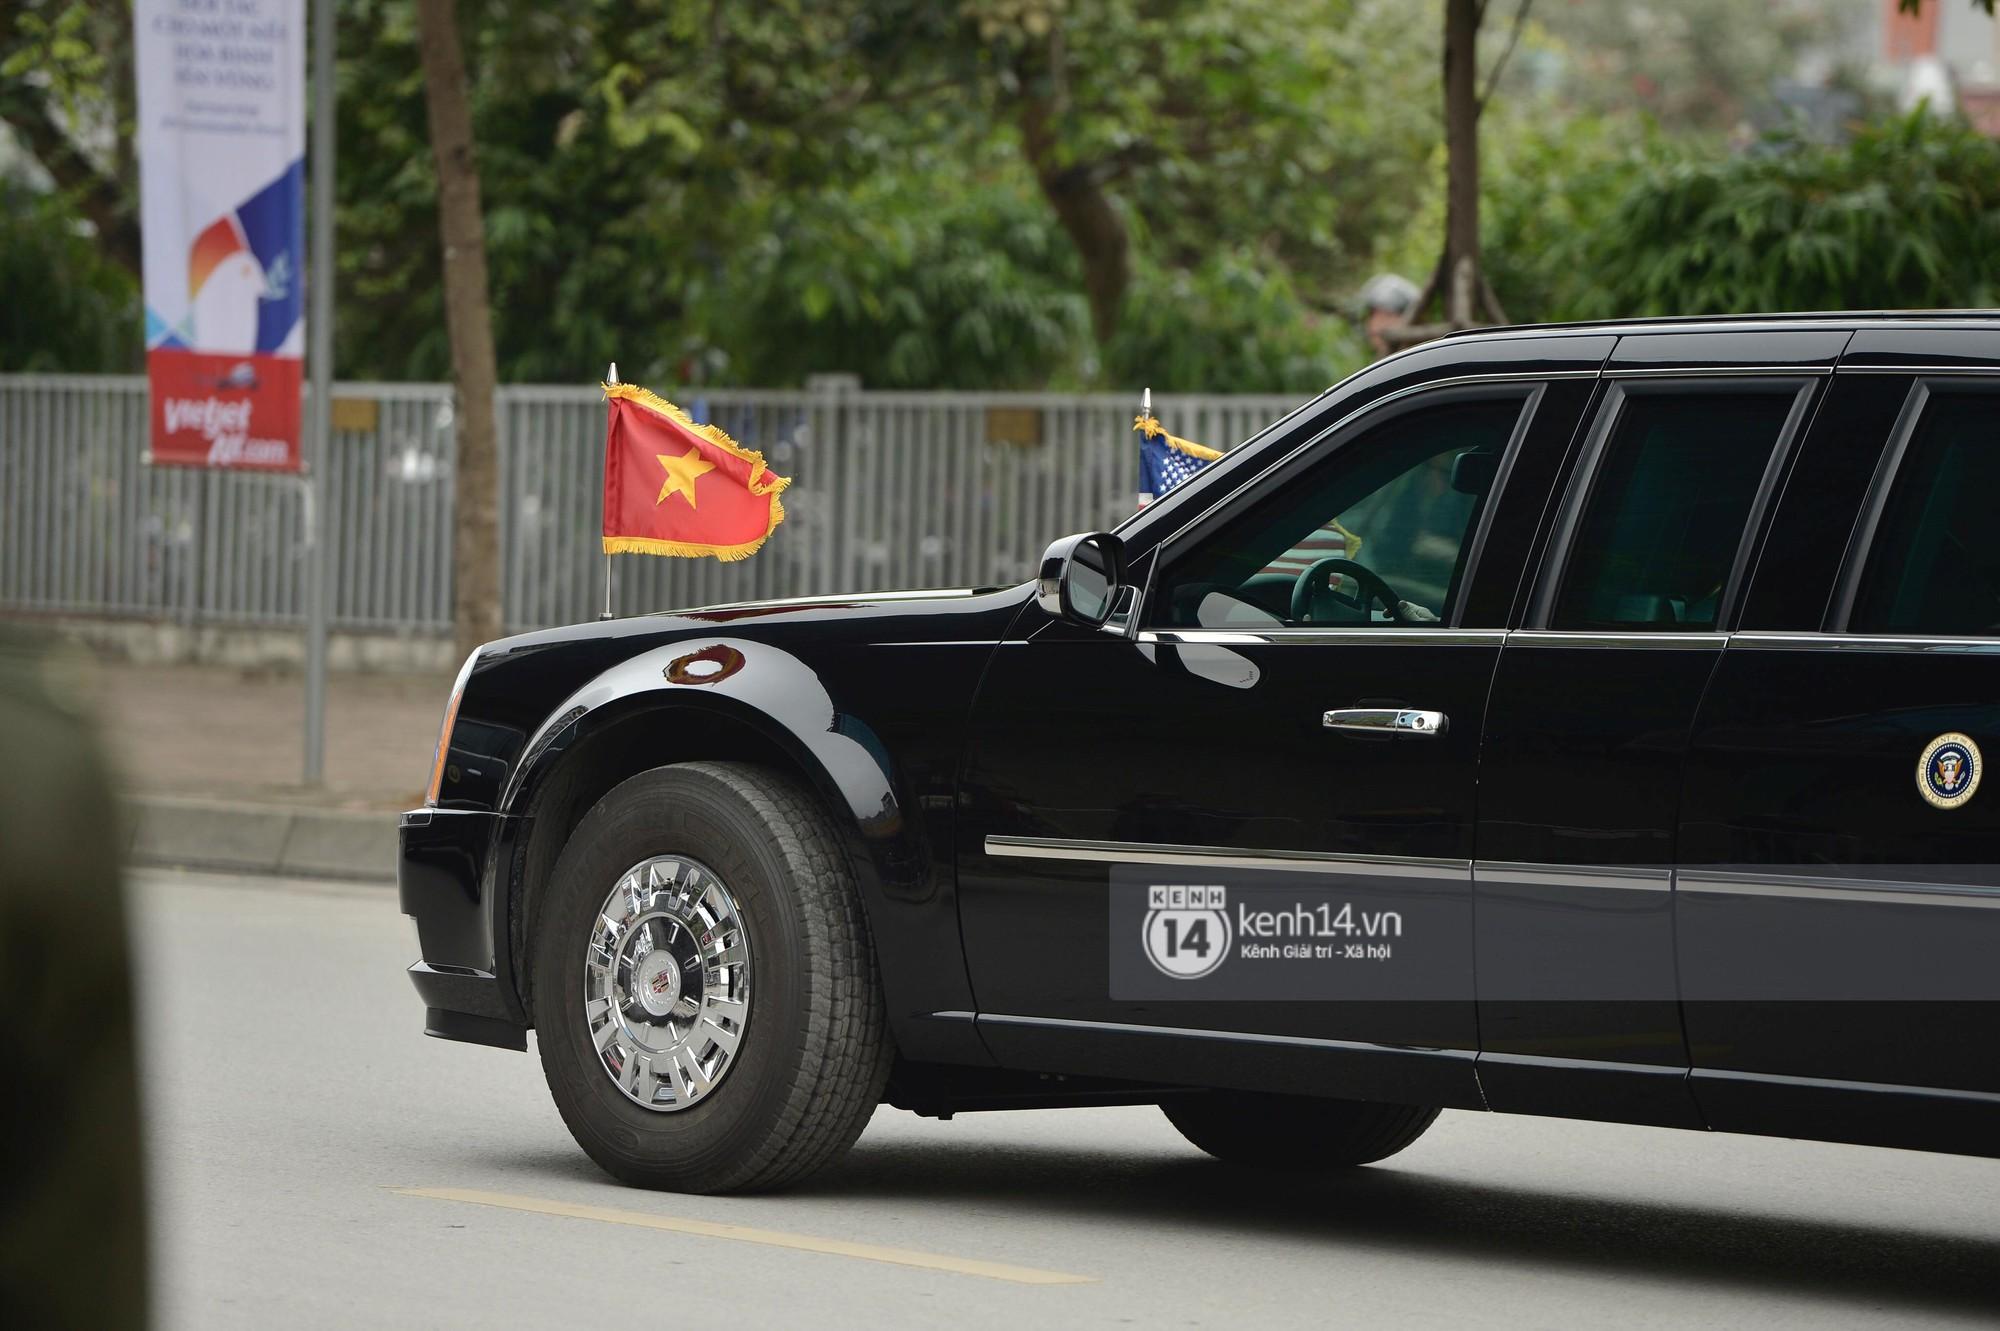 Thủ tướng Nguyễn Xuân Phúc hội kiến Tổng thống Trump-19